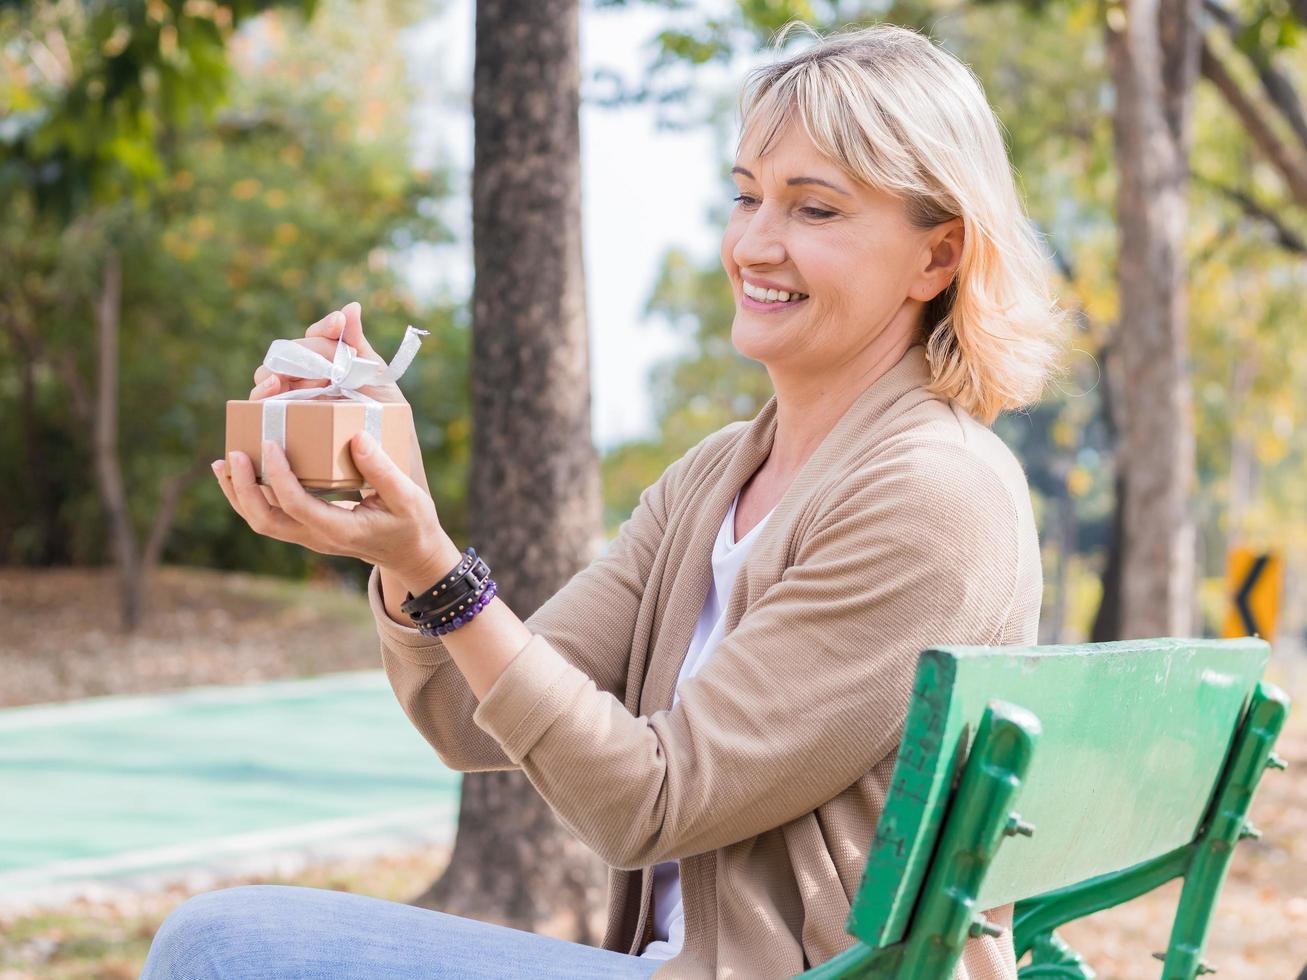 regalo de apertura de mujer en un parque foto